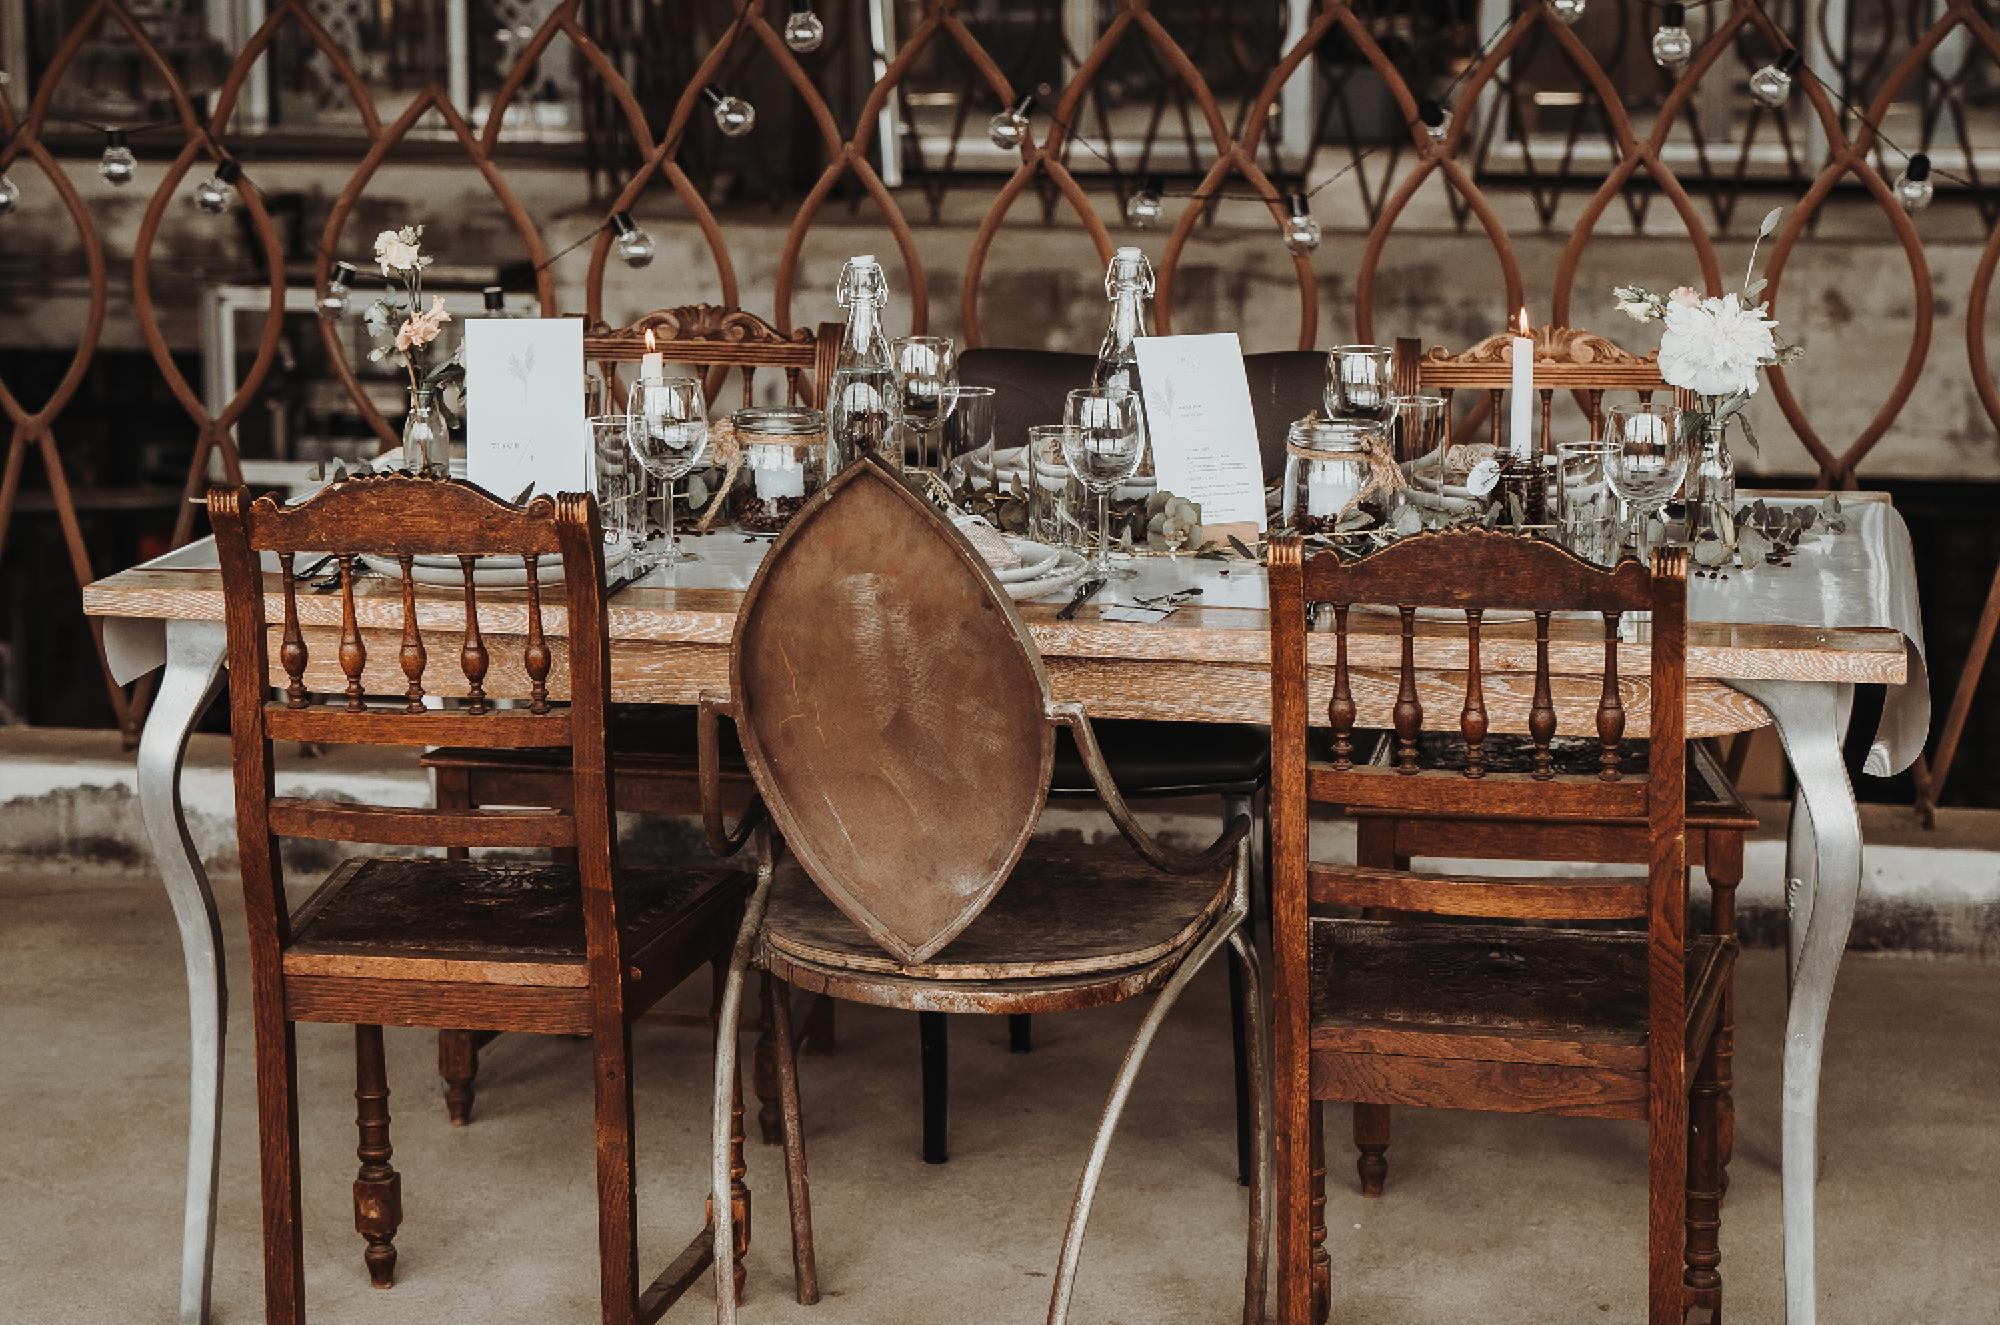 Tischdekoration im Industrial Stil mit Papeterie.